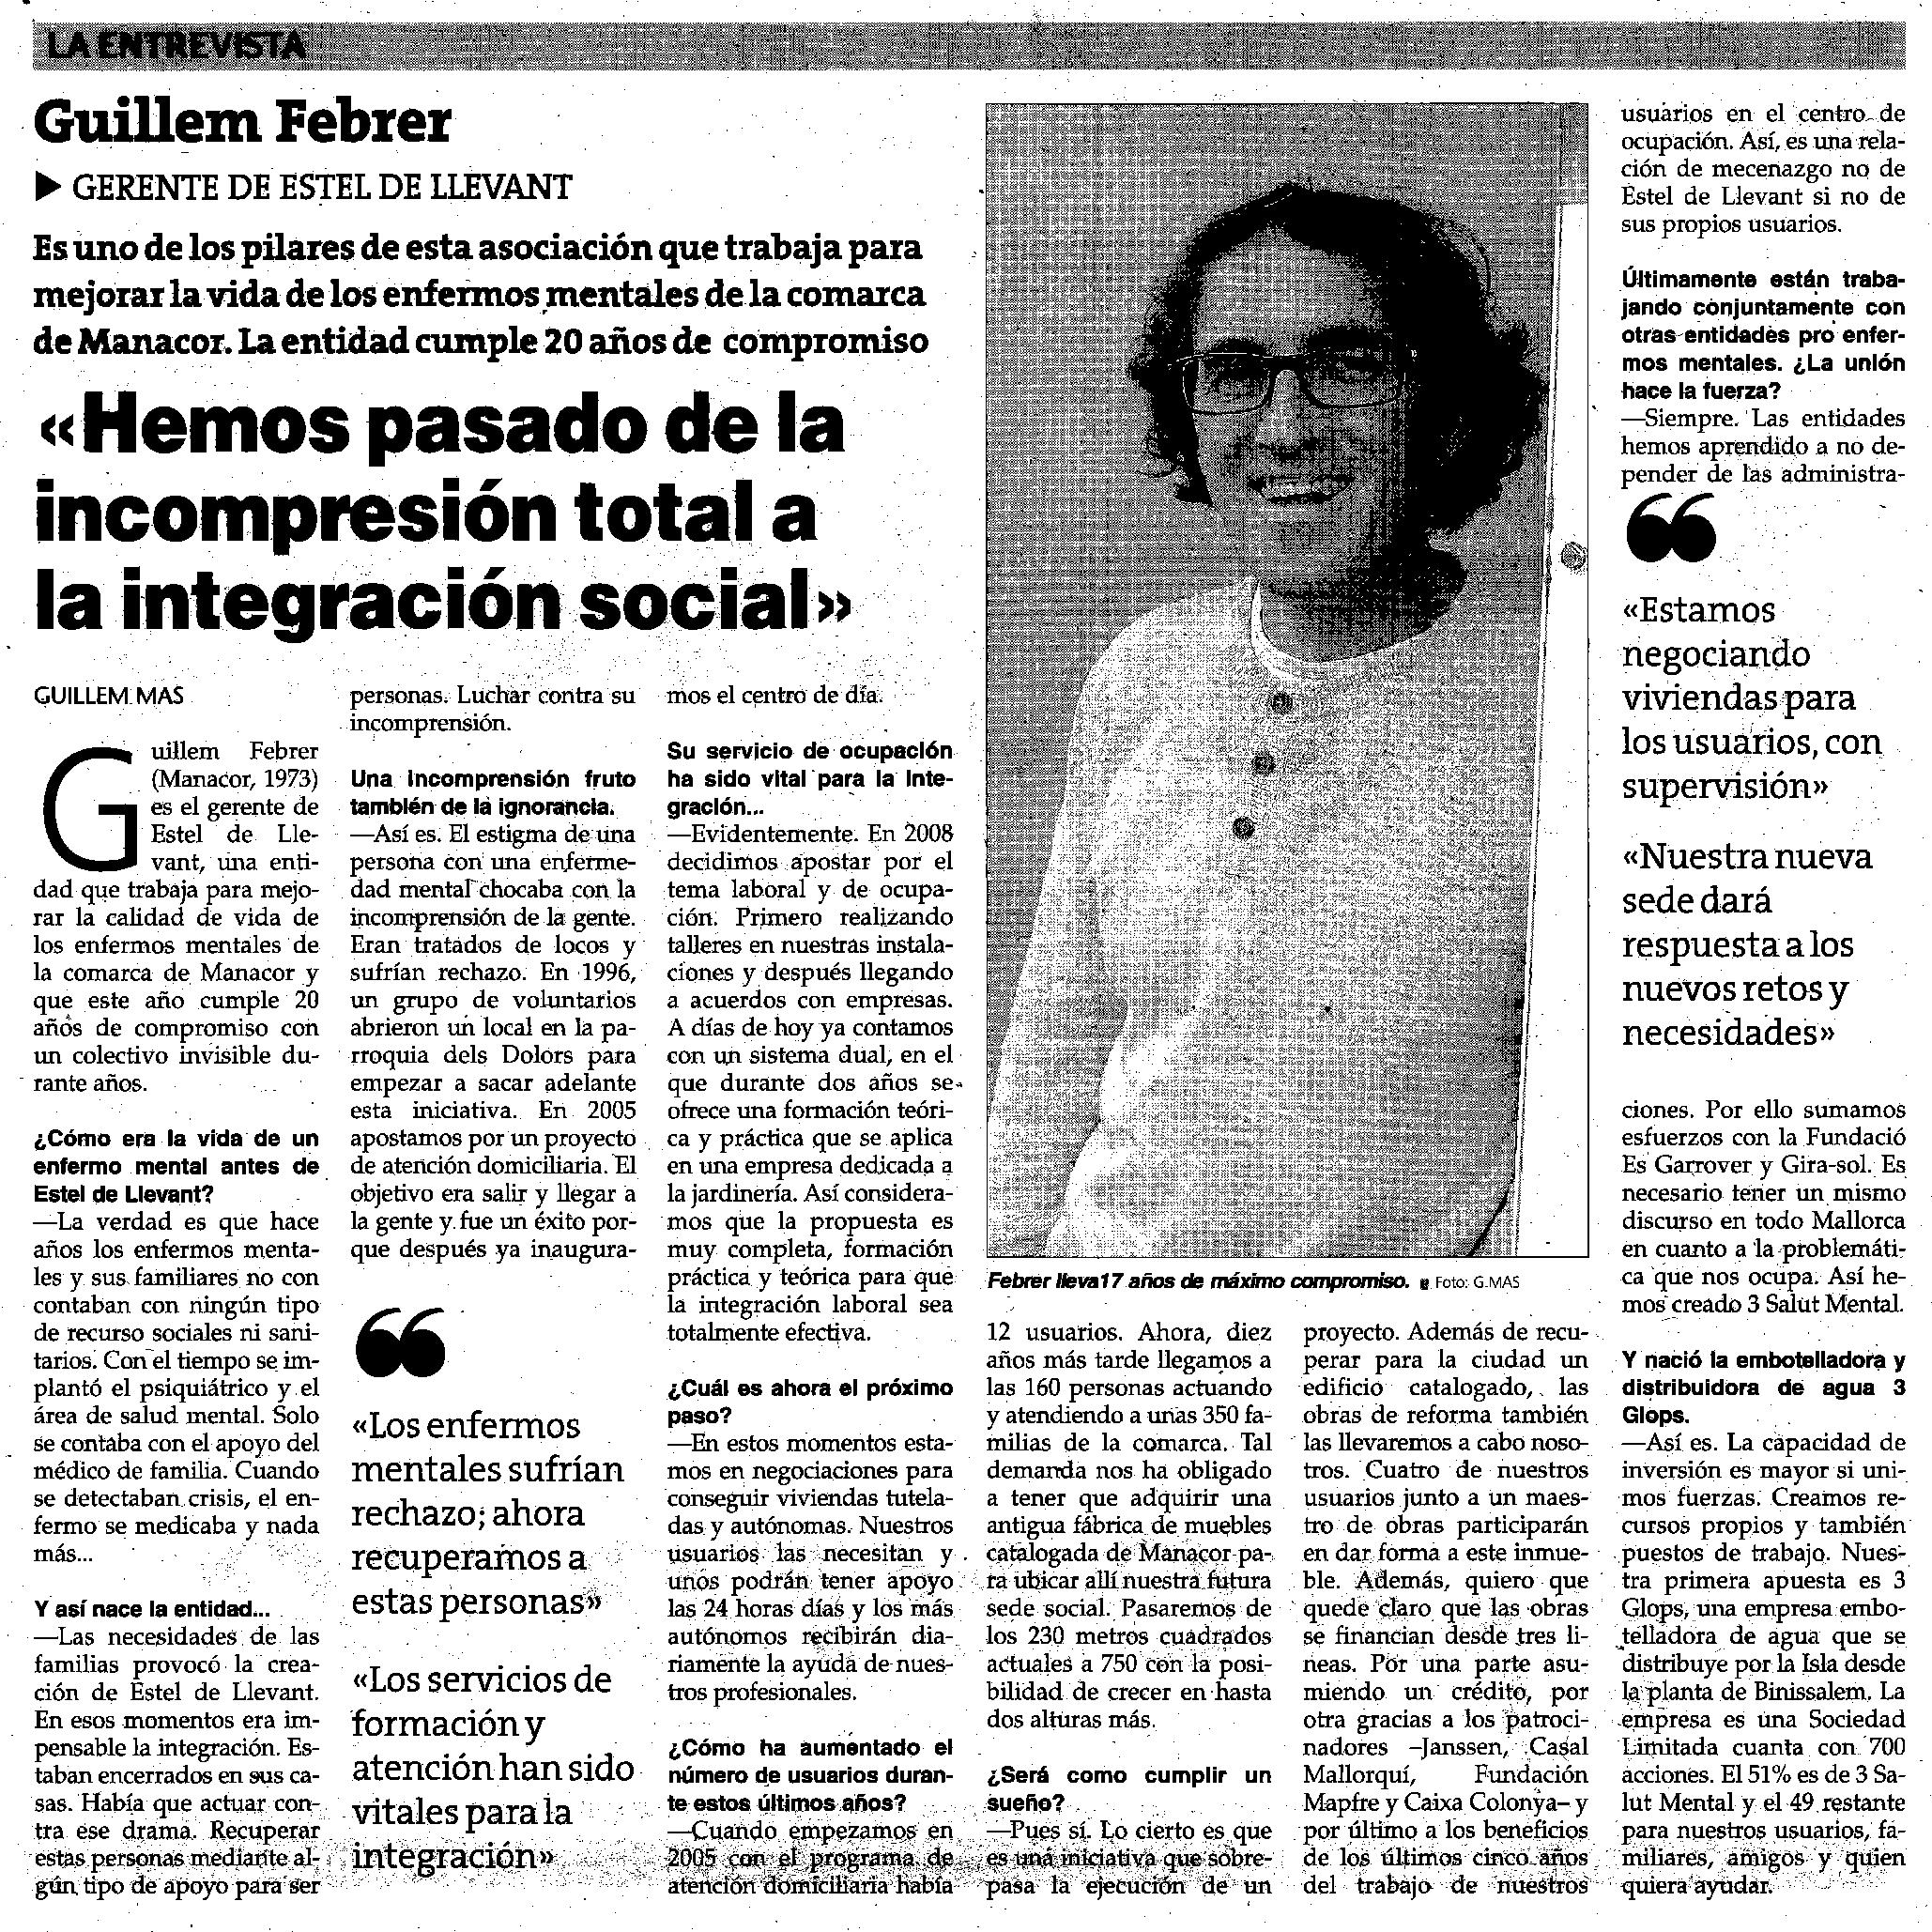 UH_Entrevista_GuillemFebrer_EstelDeLlevant020516